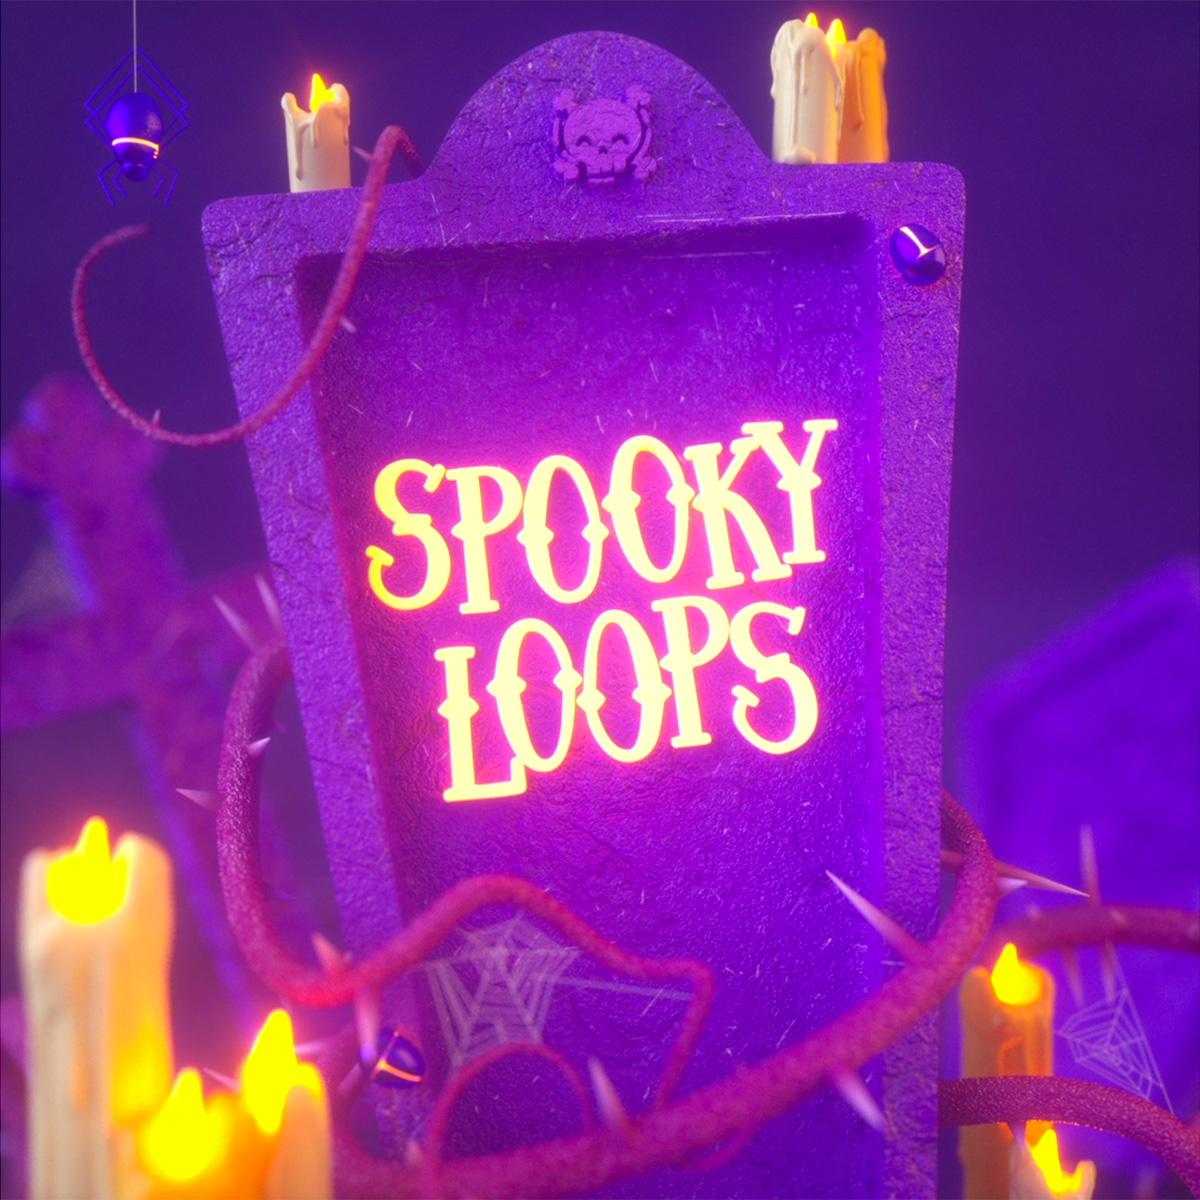 Spooky Loops